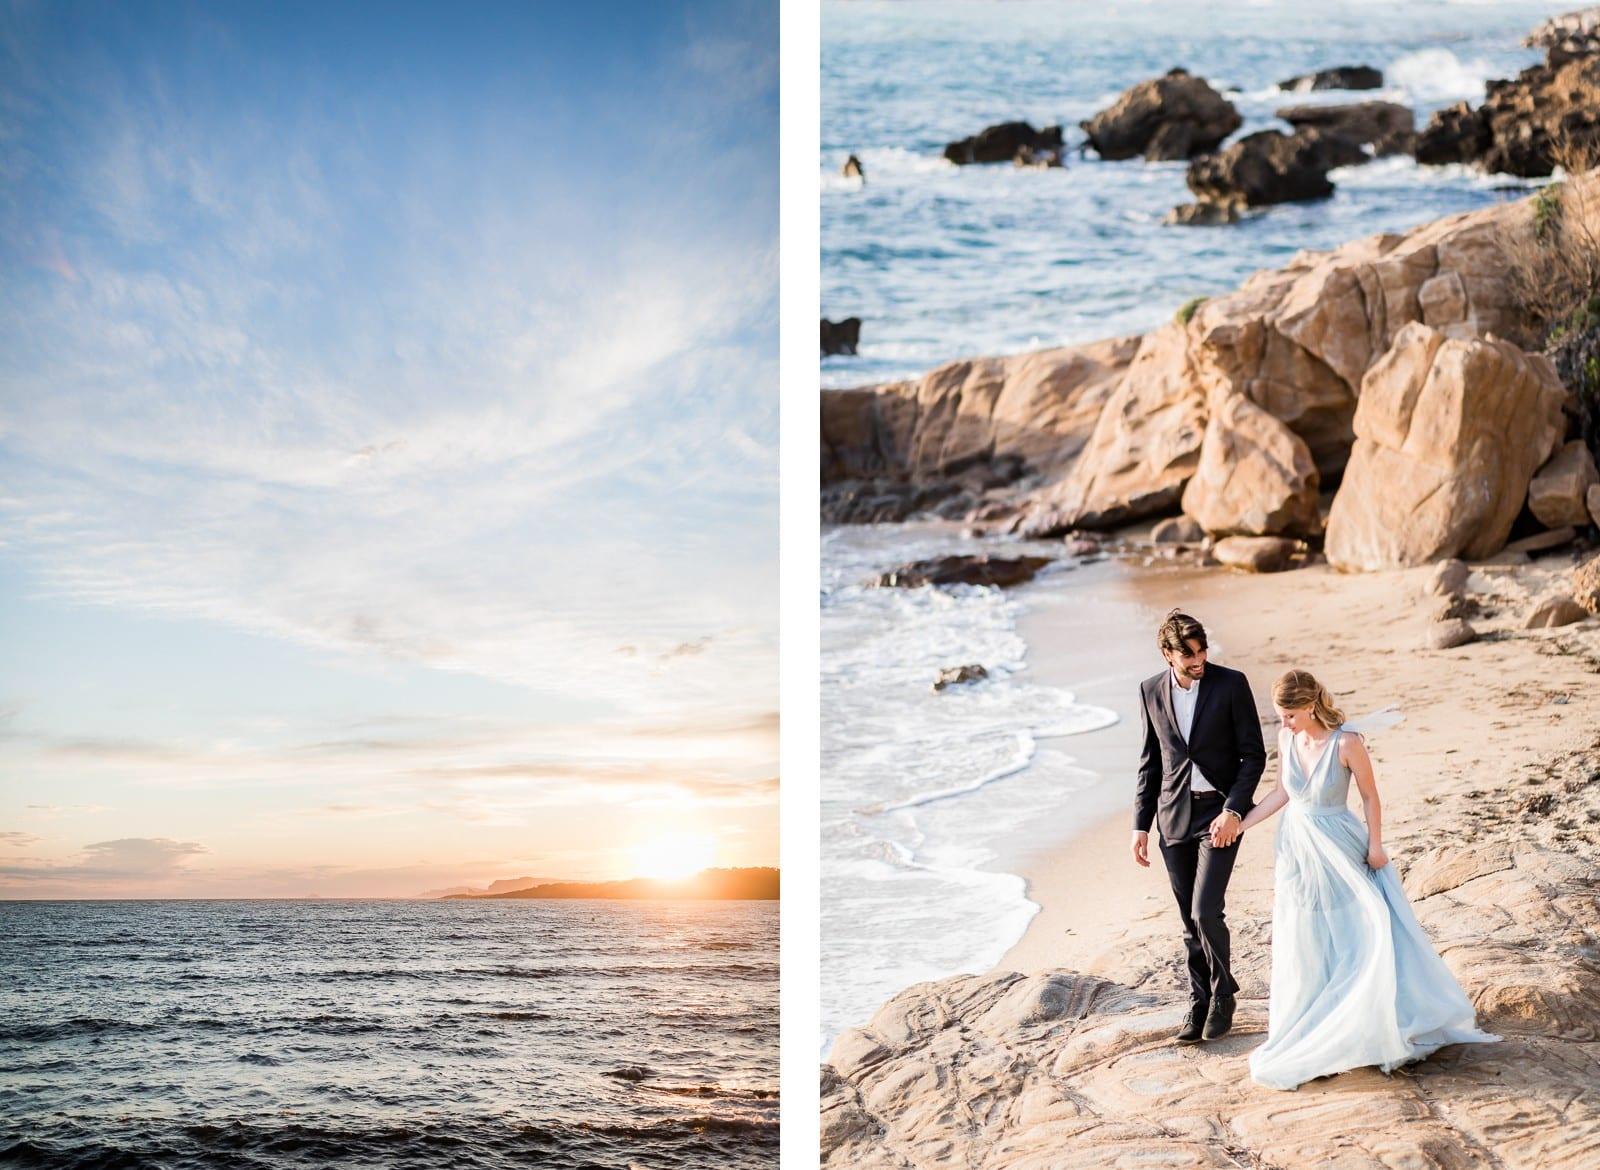 Photographie de Mathieu Dété, photographe de mariage sur l'île de la Réunion (974), présentant un coucher de soleil sur les rochers et la plage